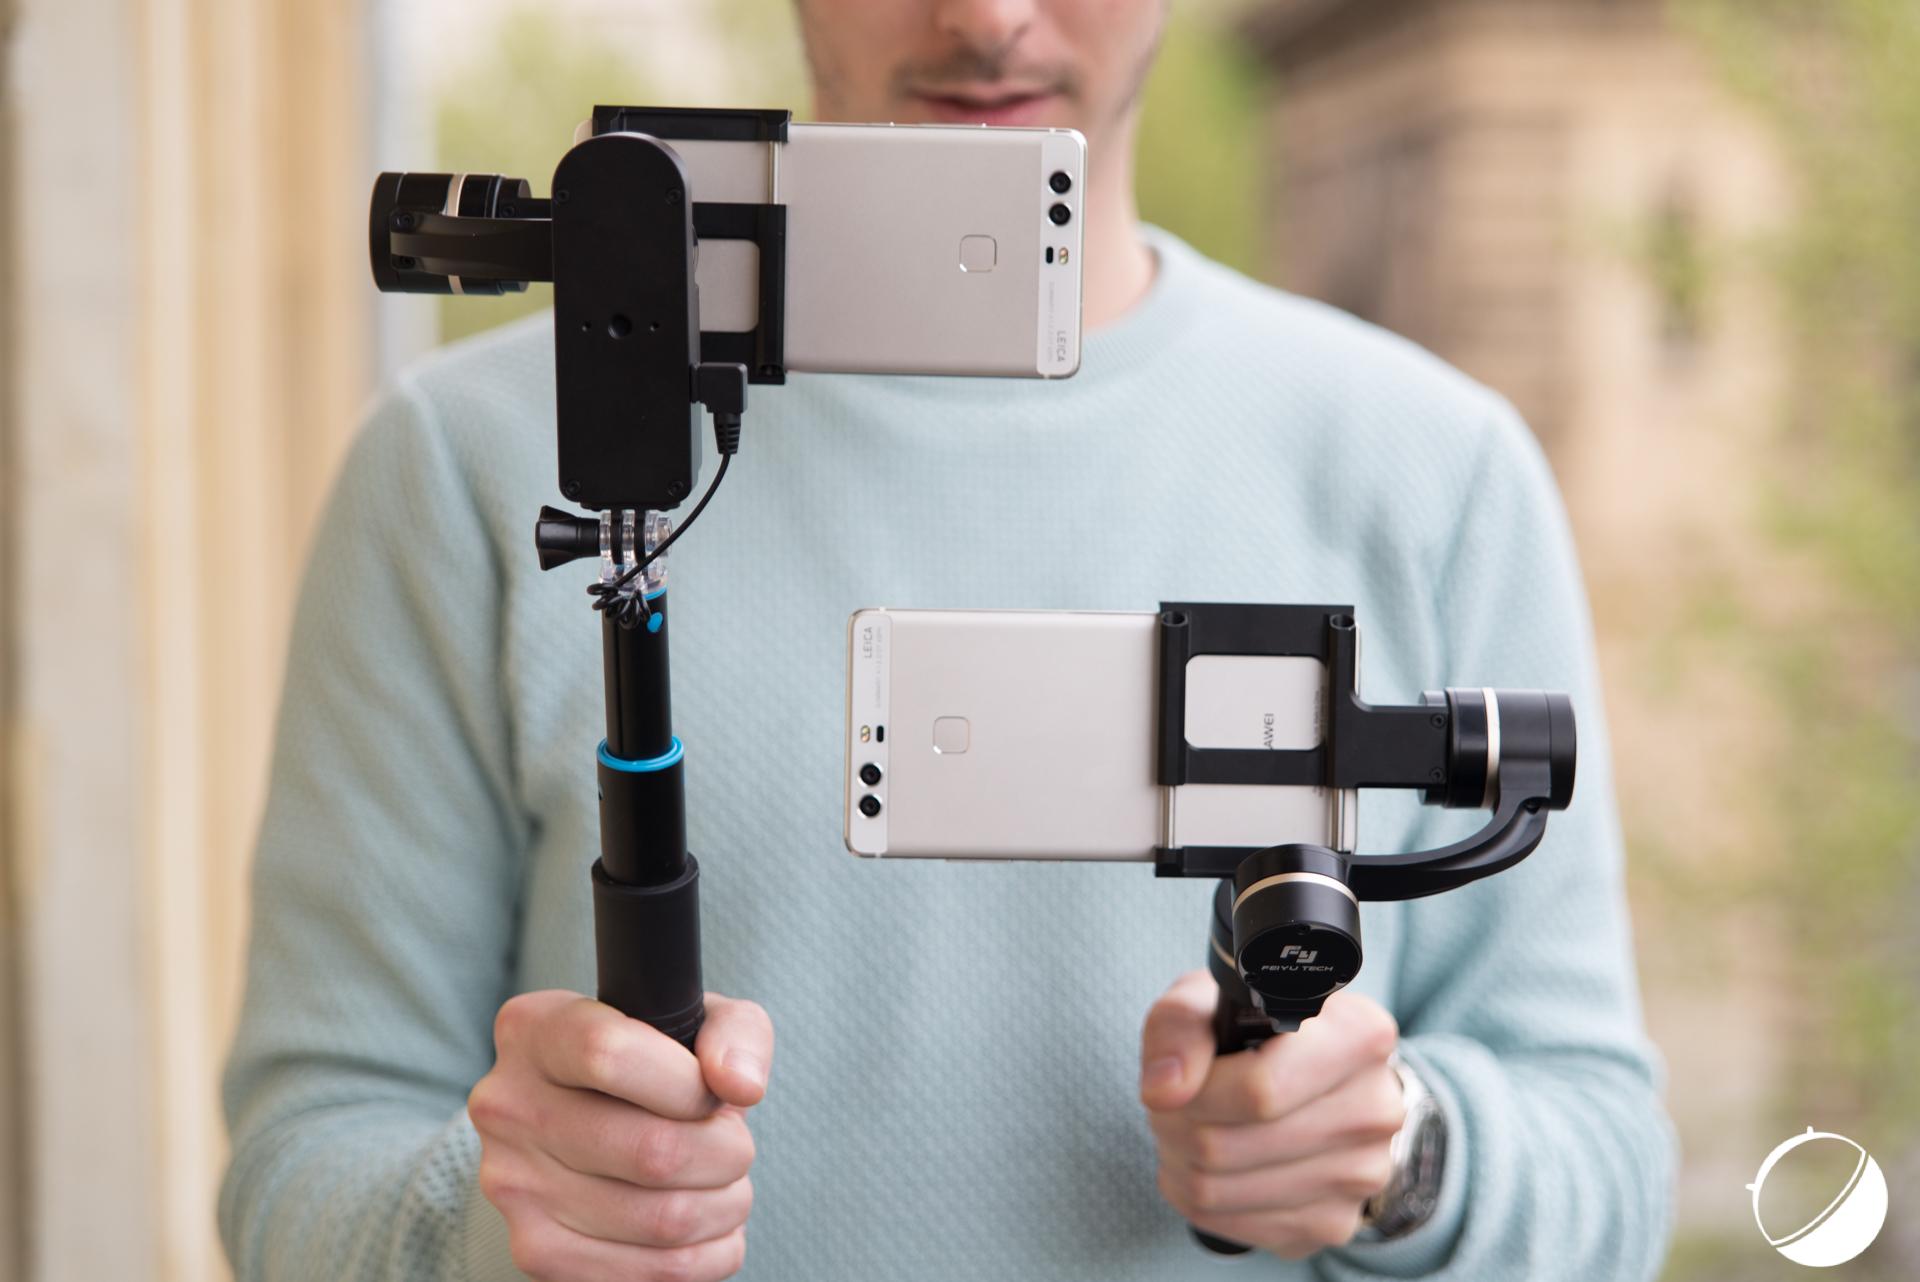 Test des Feiyu SmartStab et G4 Plus, des stabilisateurs dédiés aux smartphones